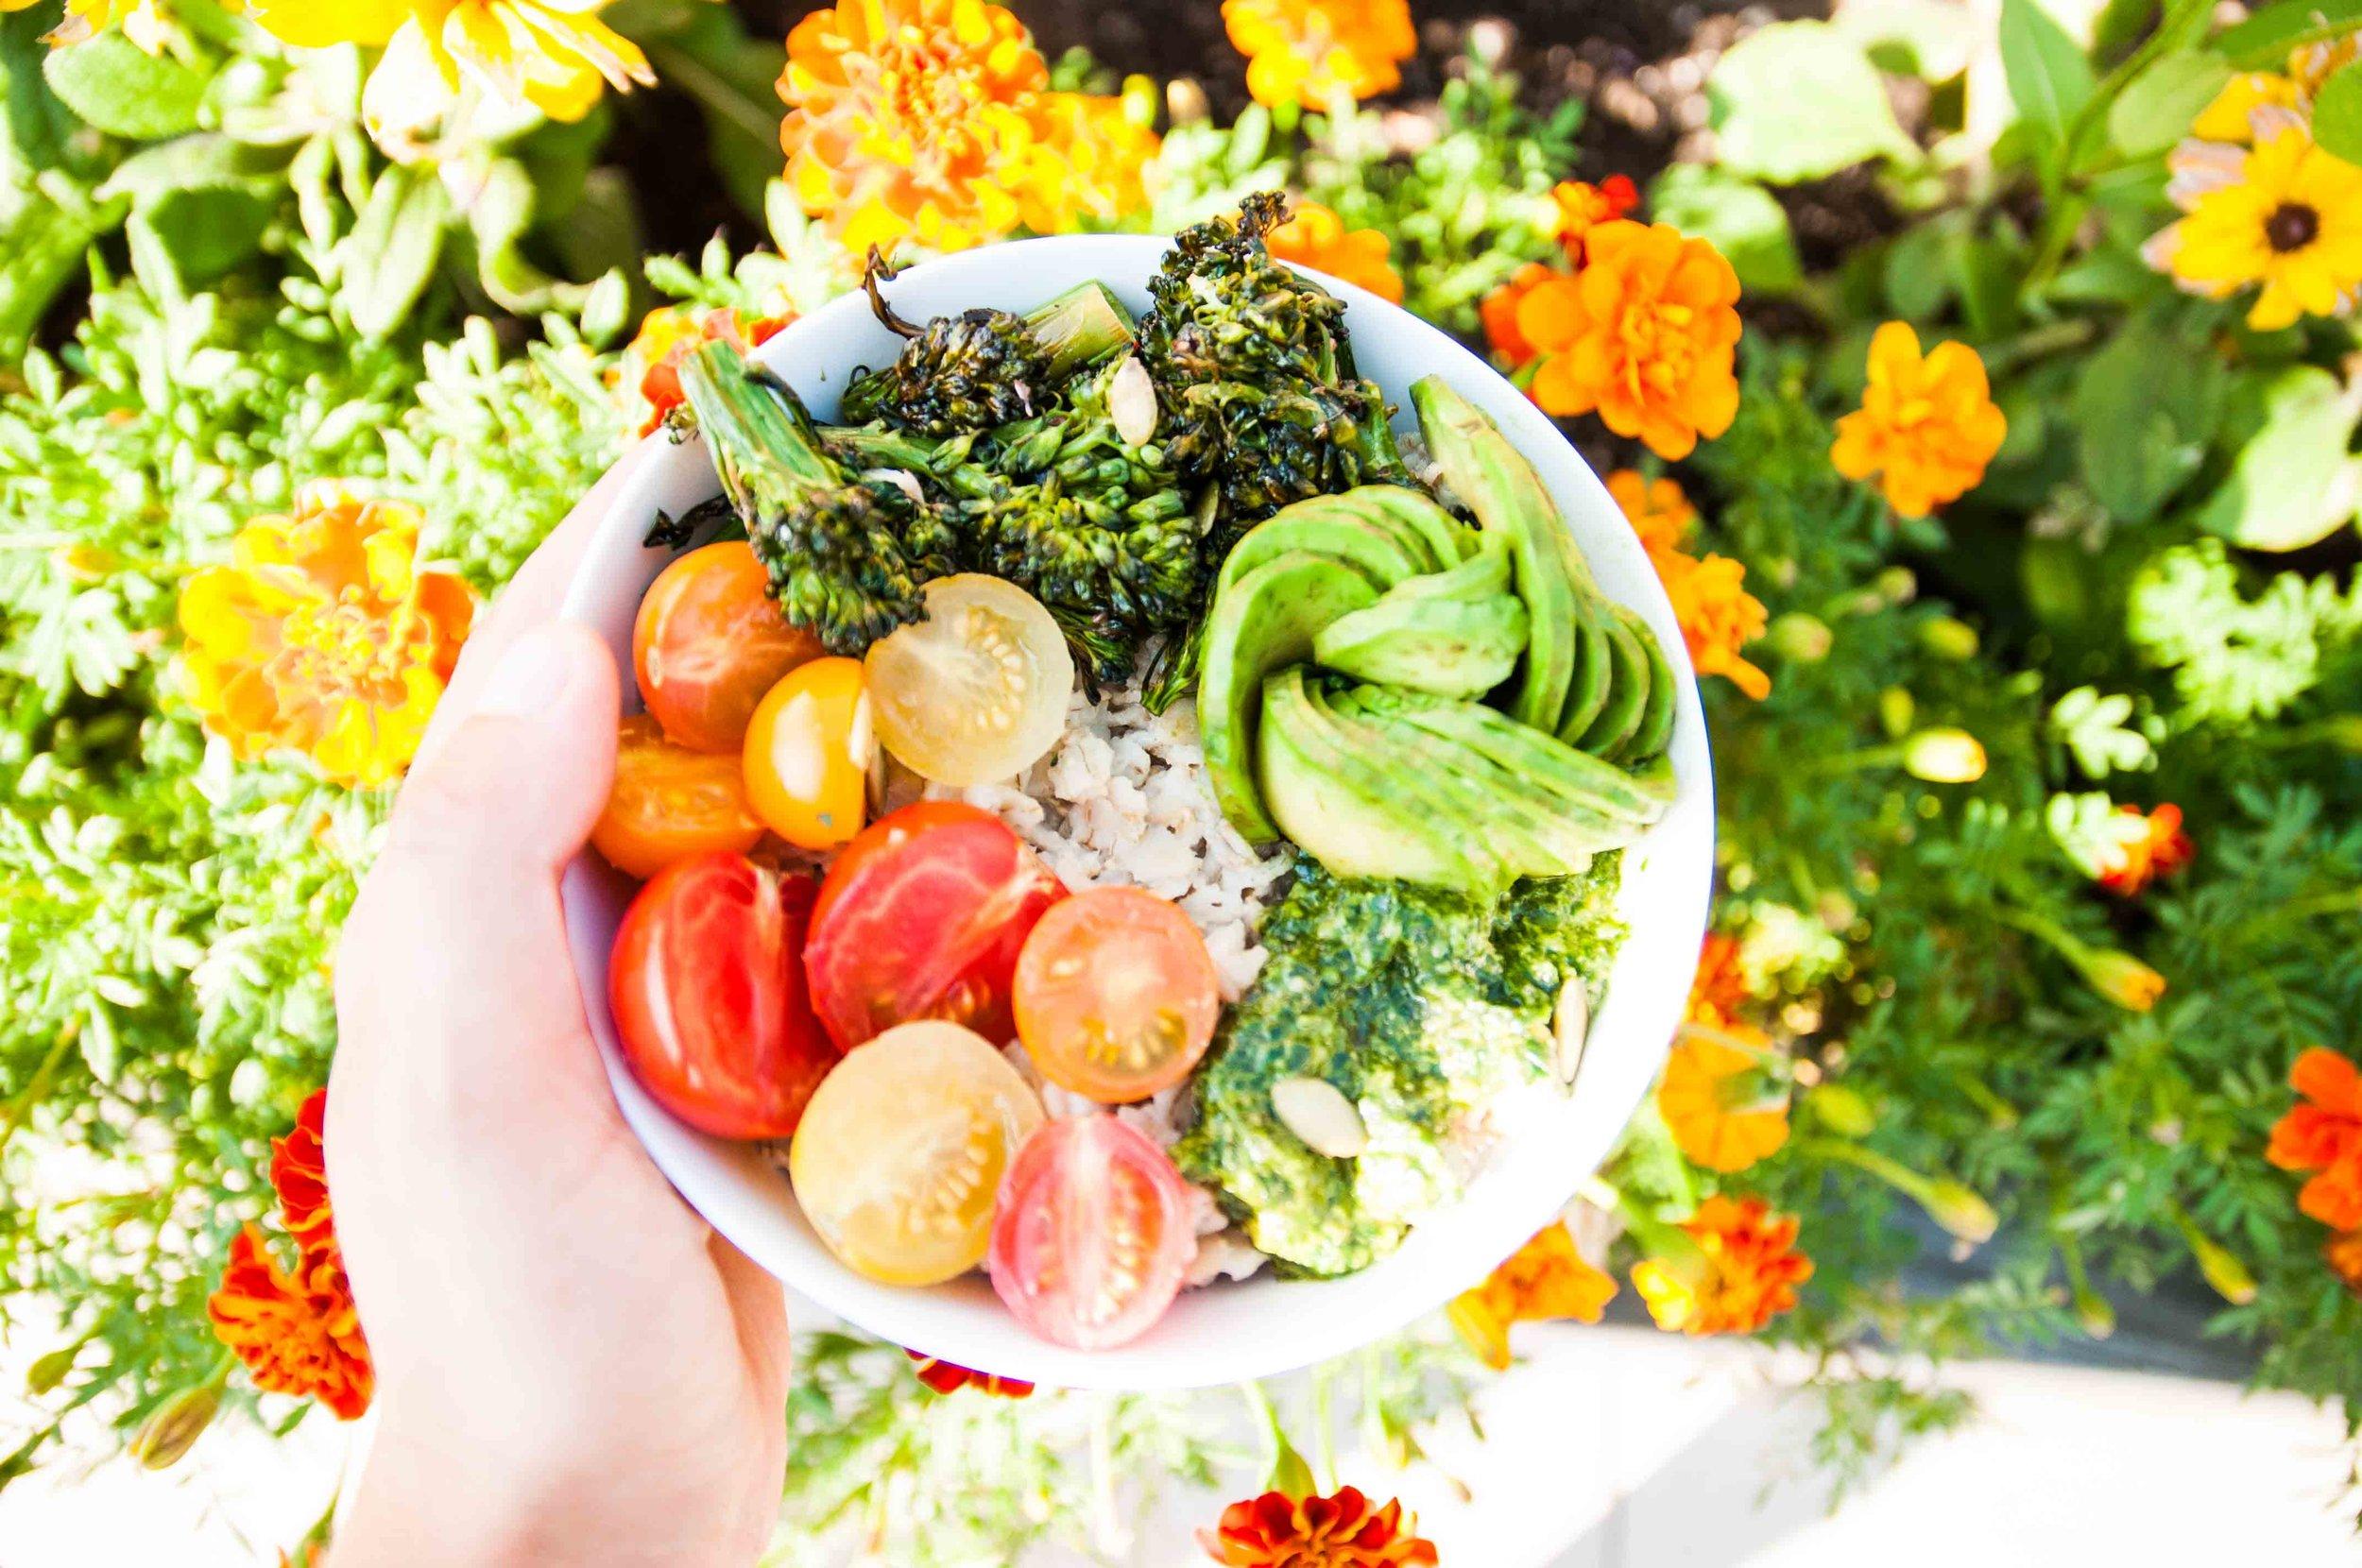 savory-oatmeal-bowl-fried-parsley